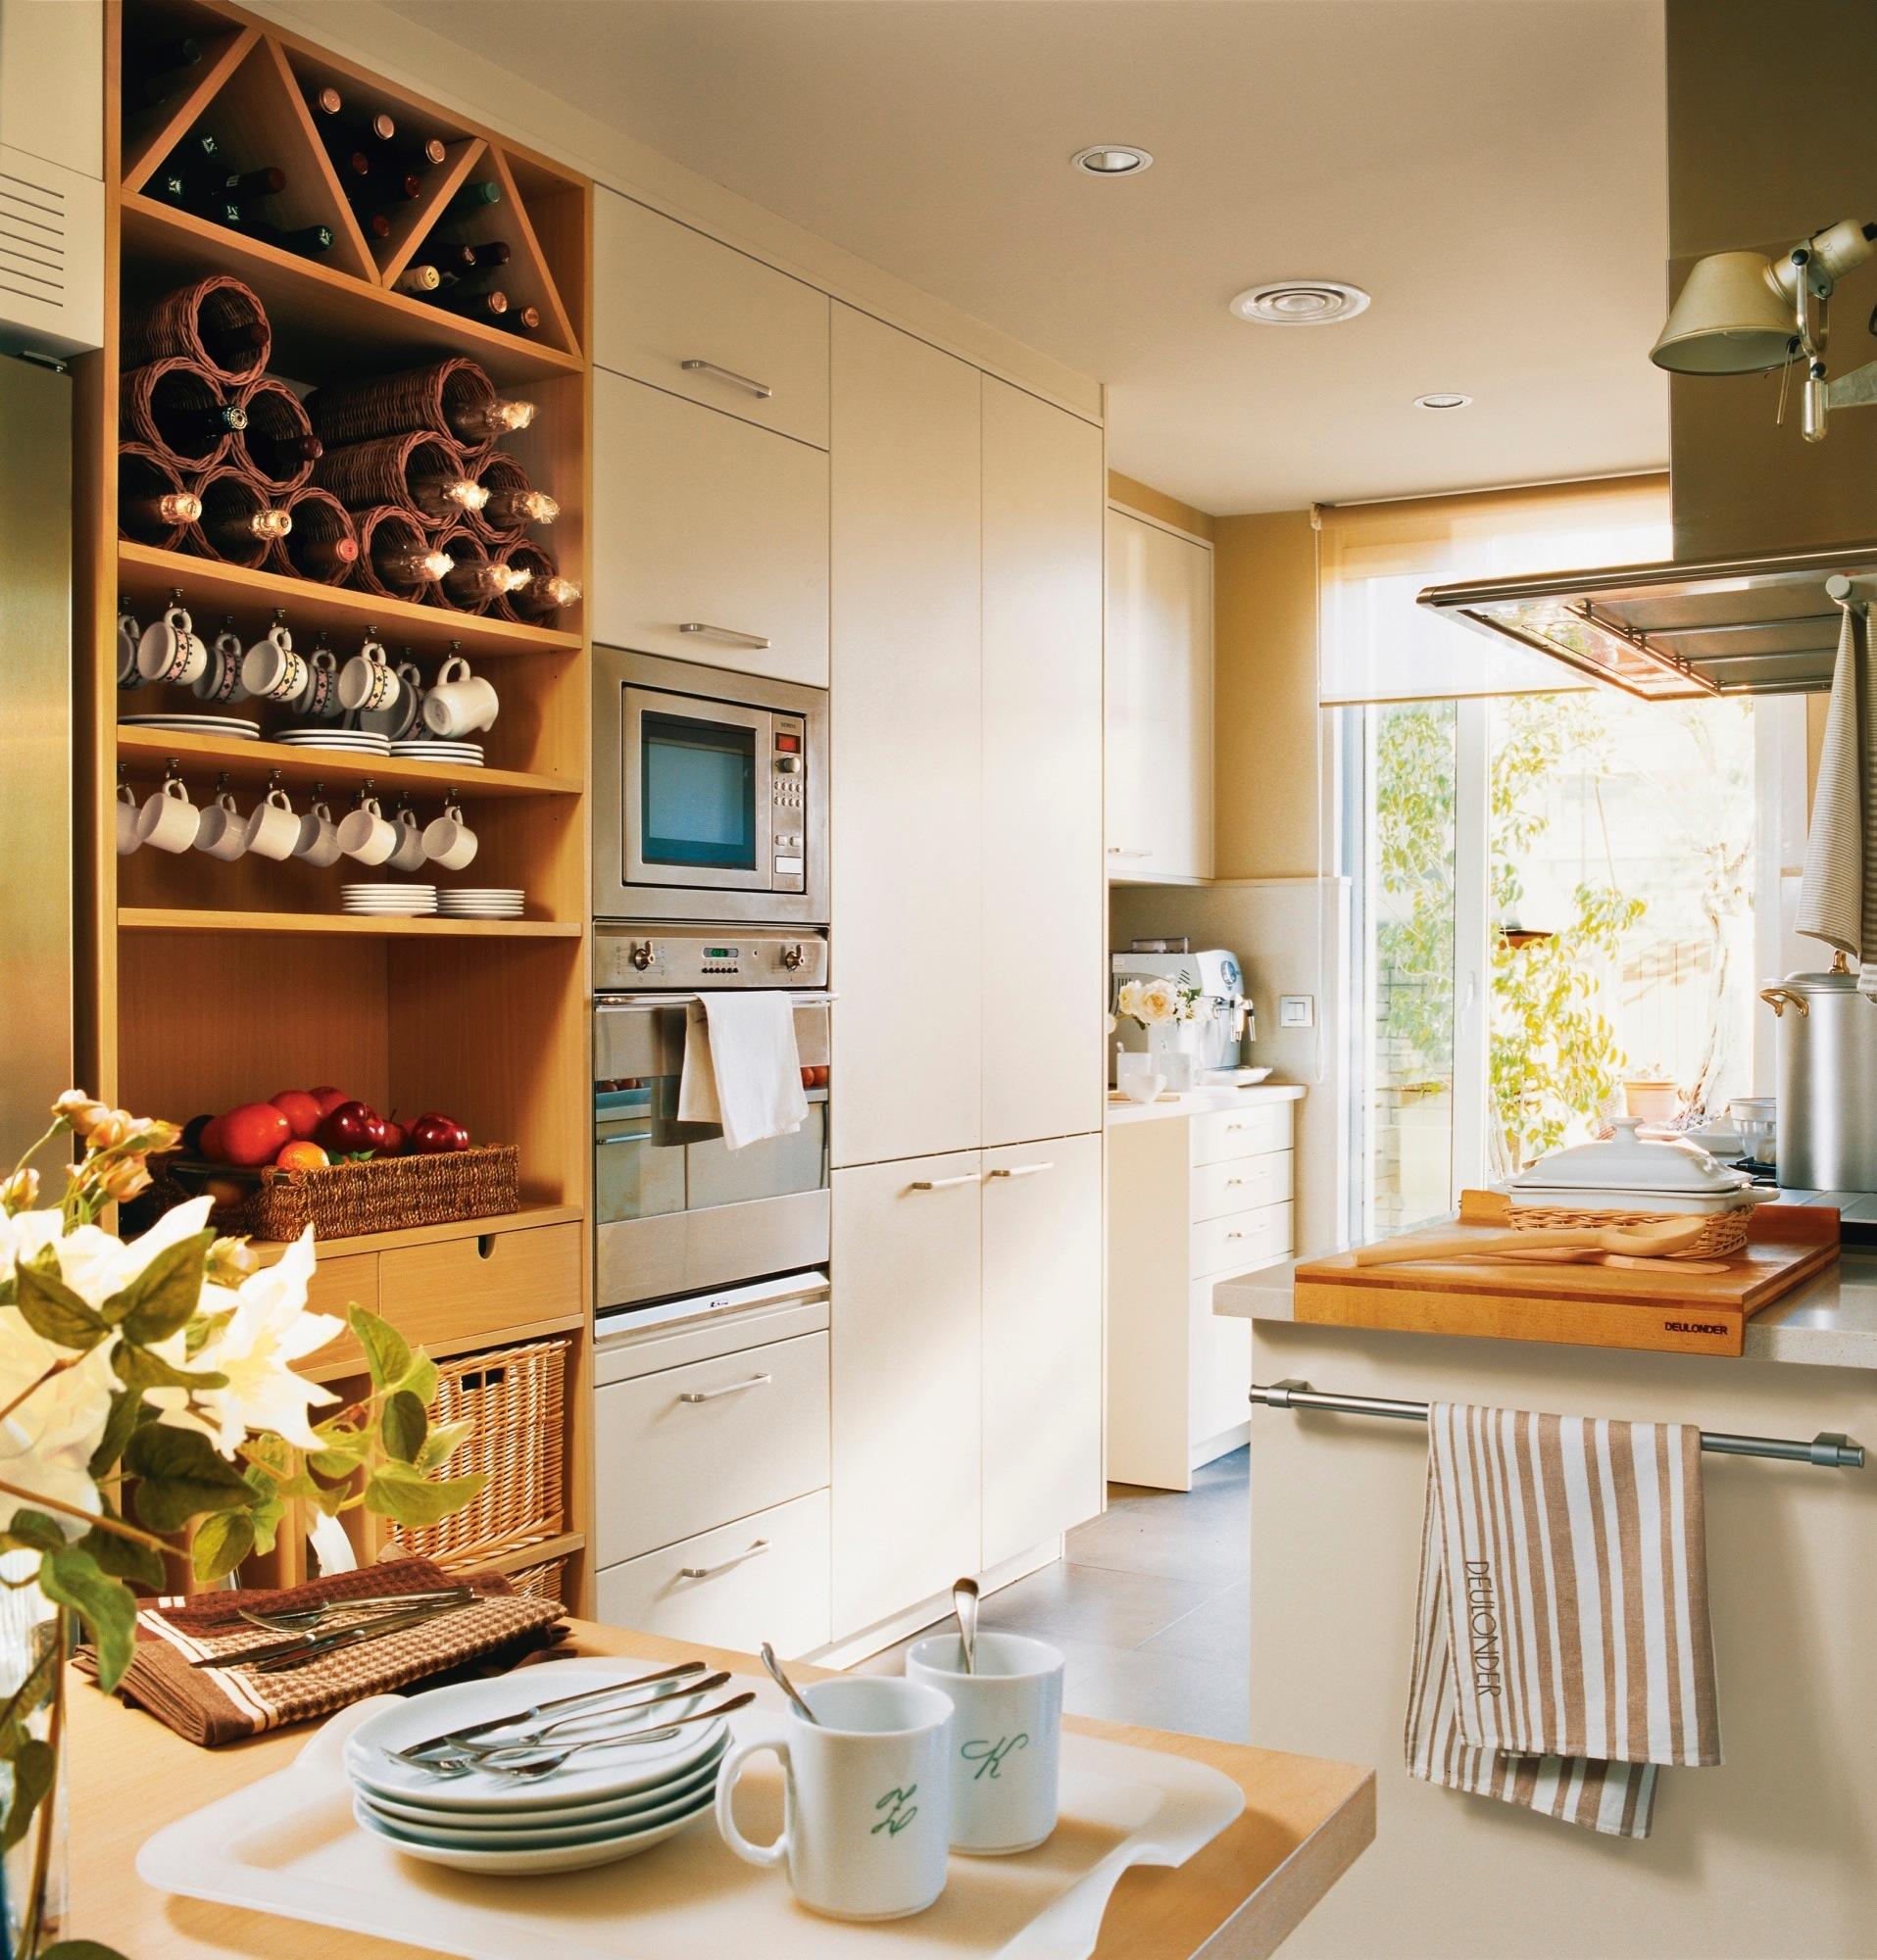 Orden en la cocina consejos y trucos para guardarlo todo - Cajoneras de cocina ...